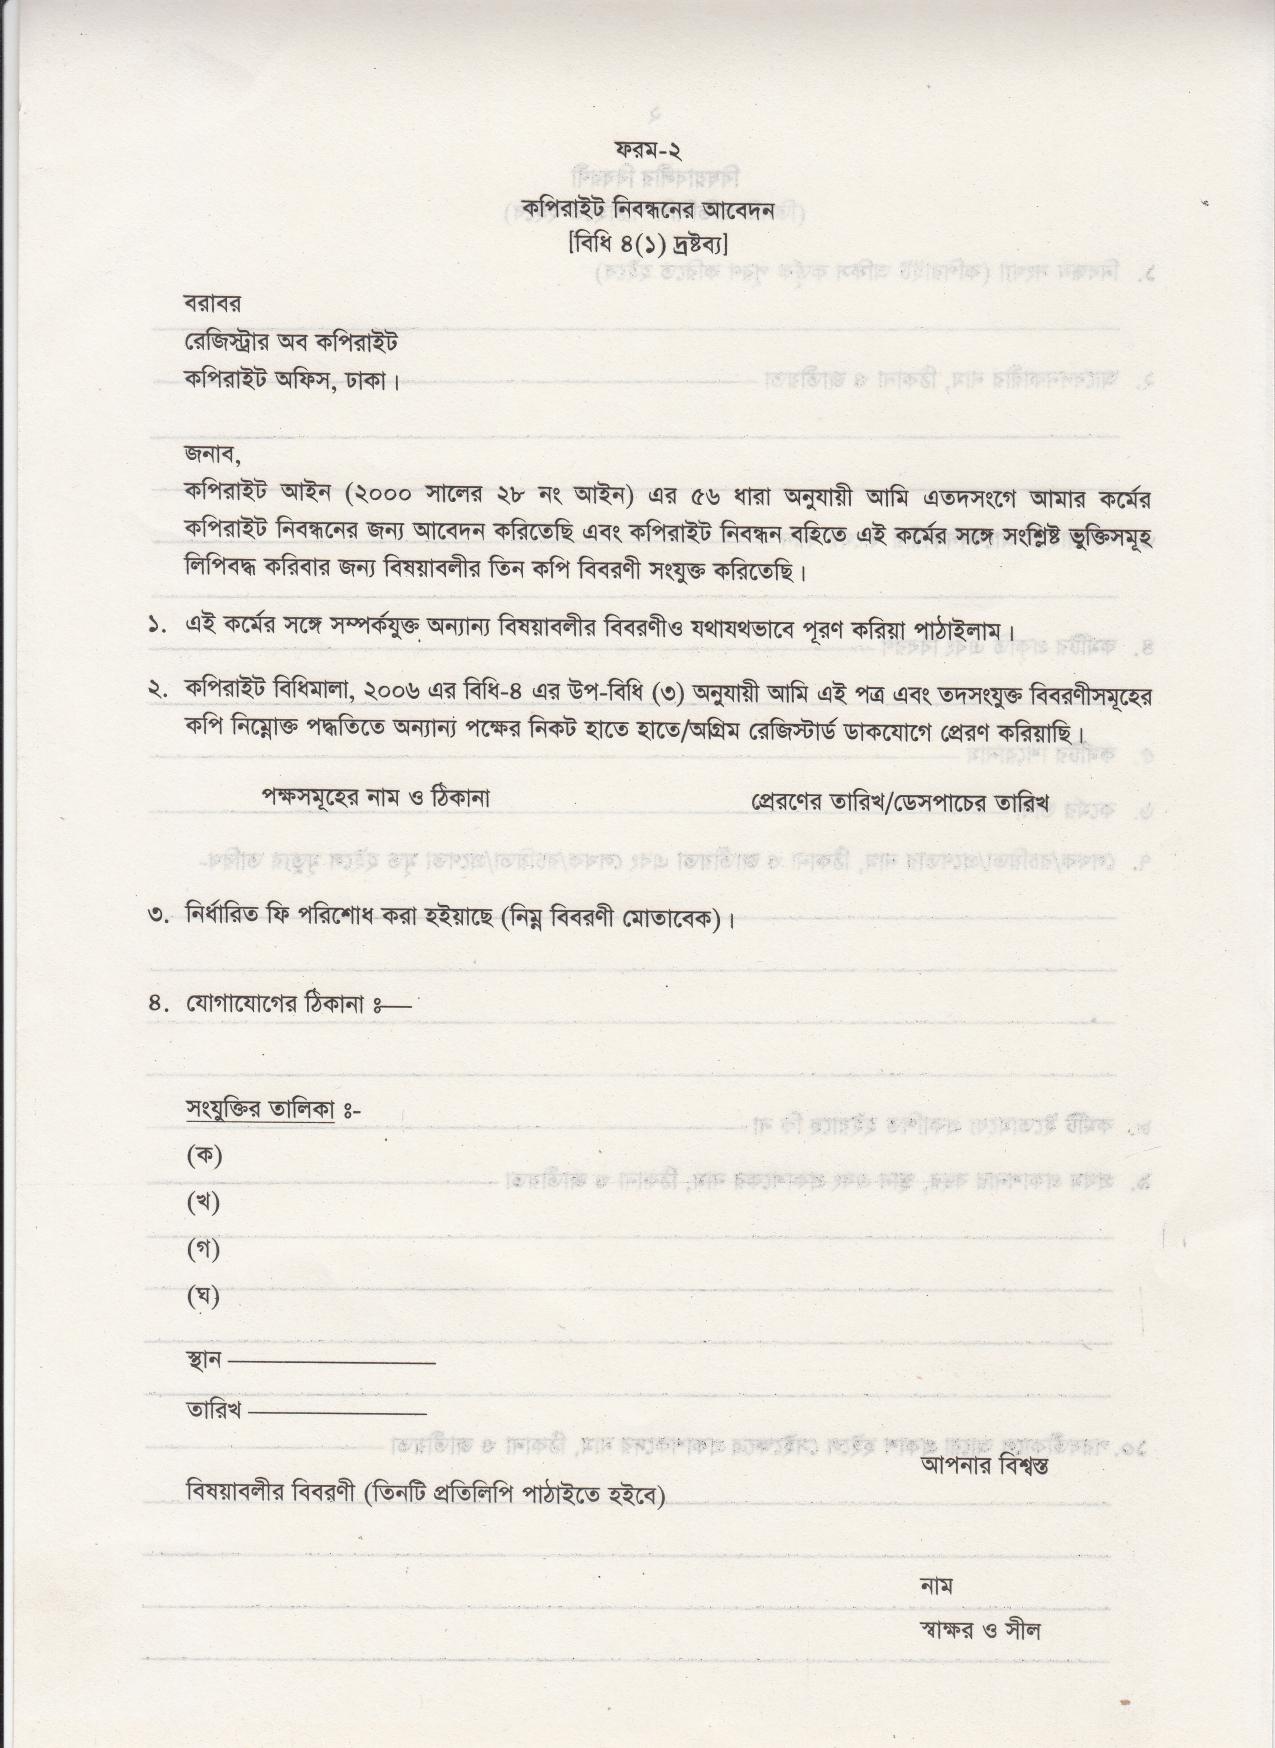 বাংলাদেশ কপিরাইট ভবন নিয়ােগ বিজ্ঞপ্তি